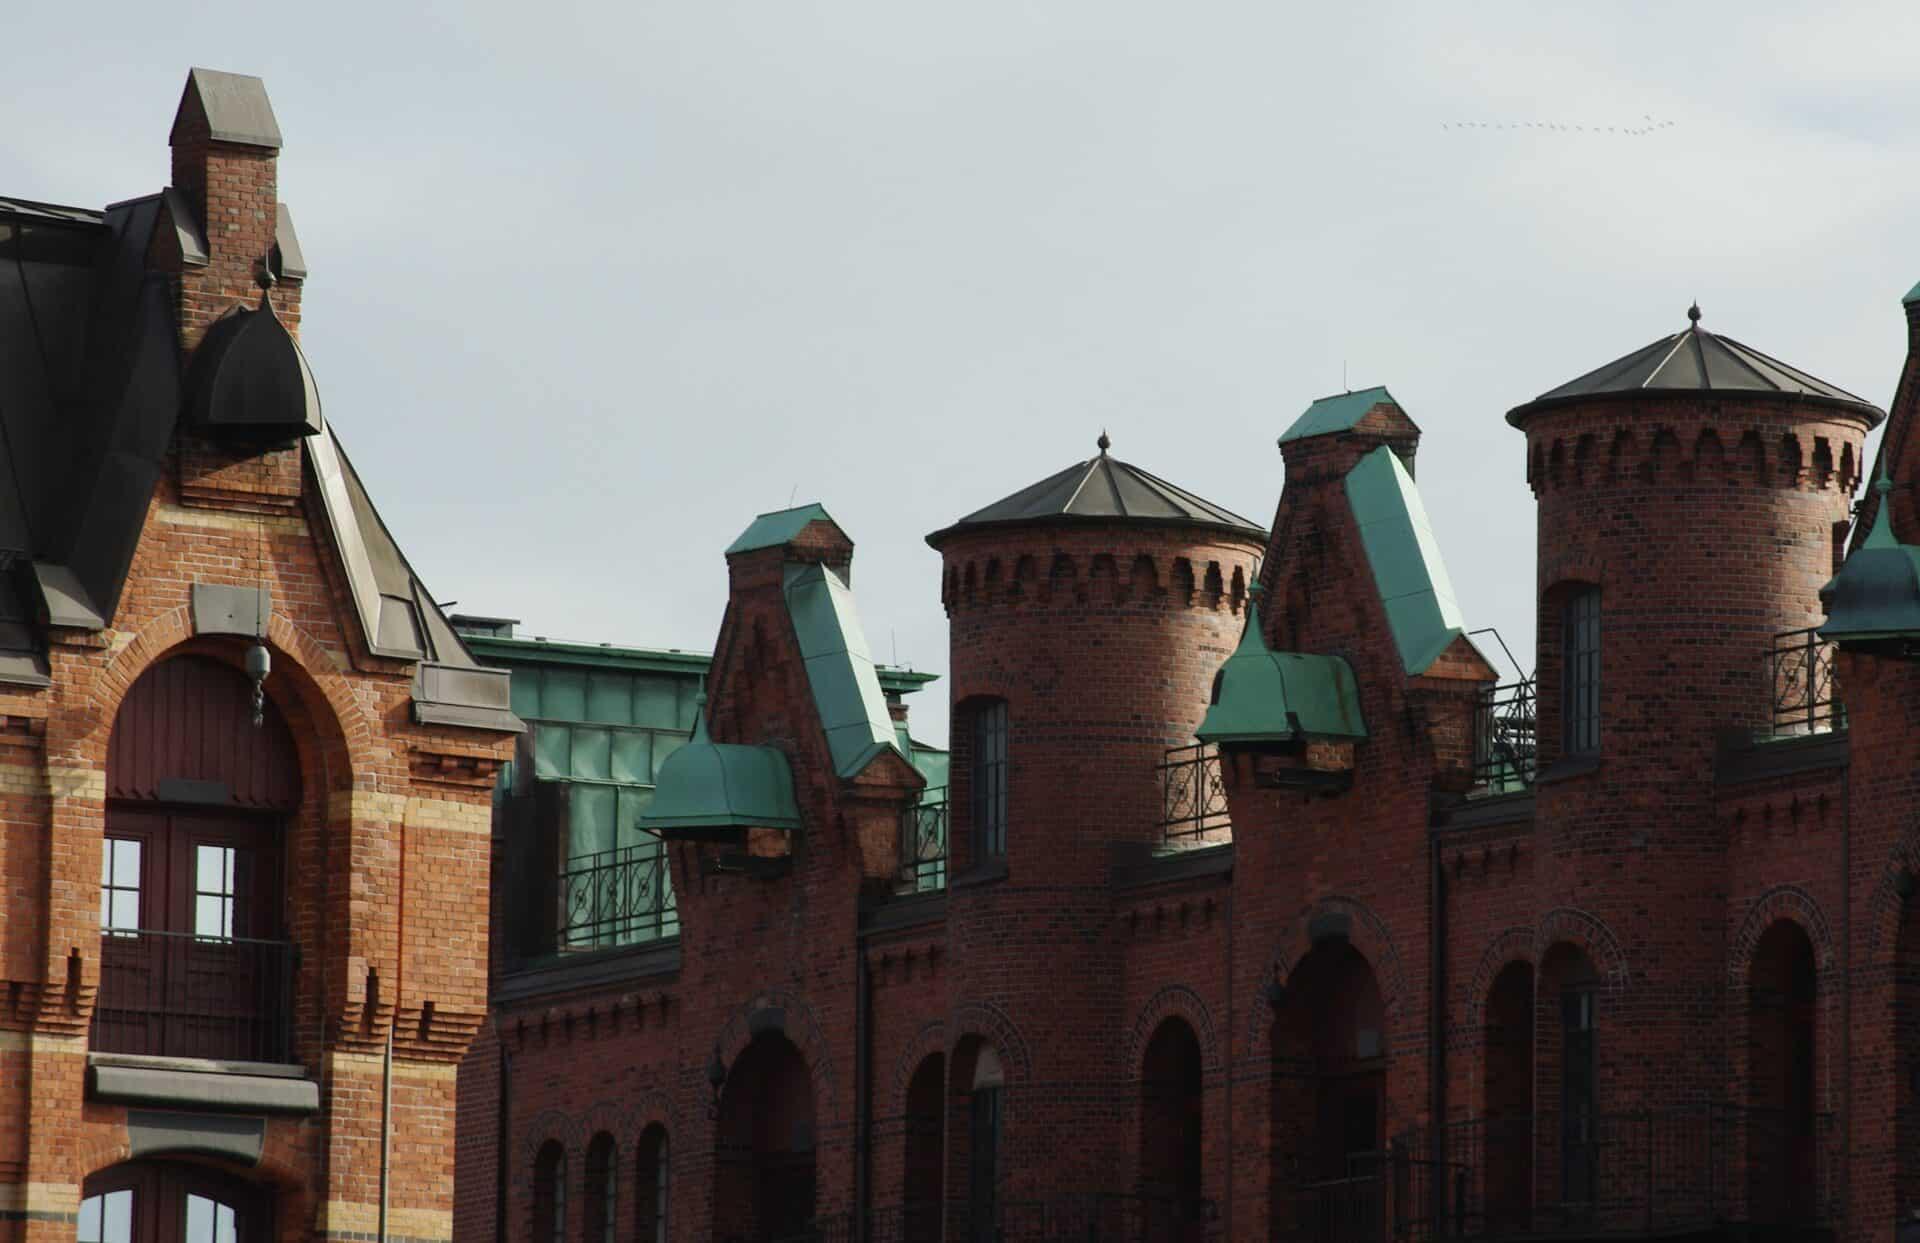 Architektur Speicherstadt Hamburg - Foto: Jürgen Schlenker